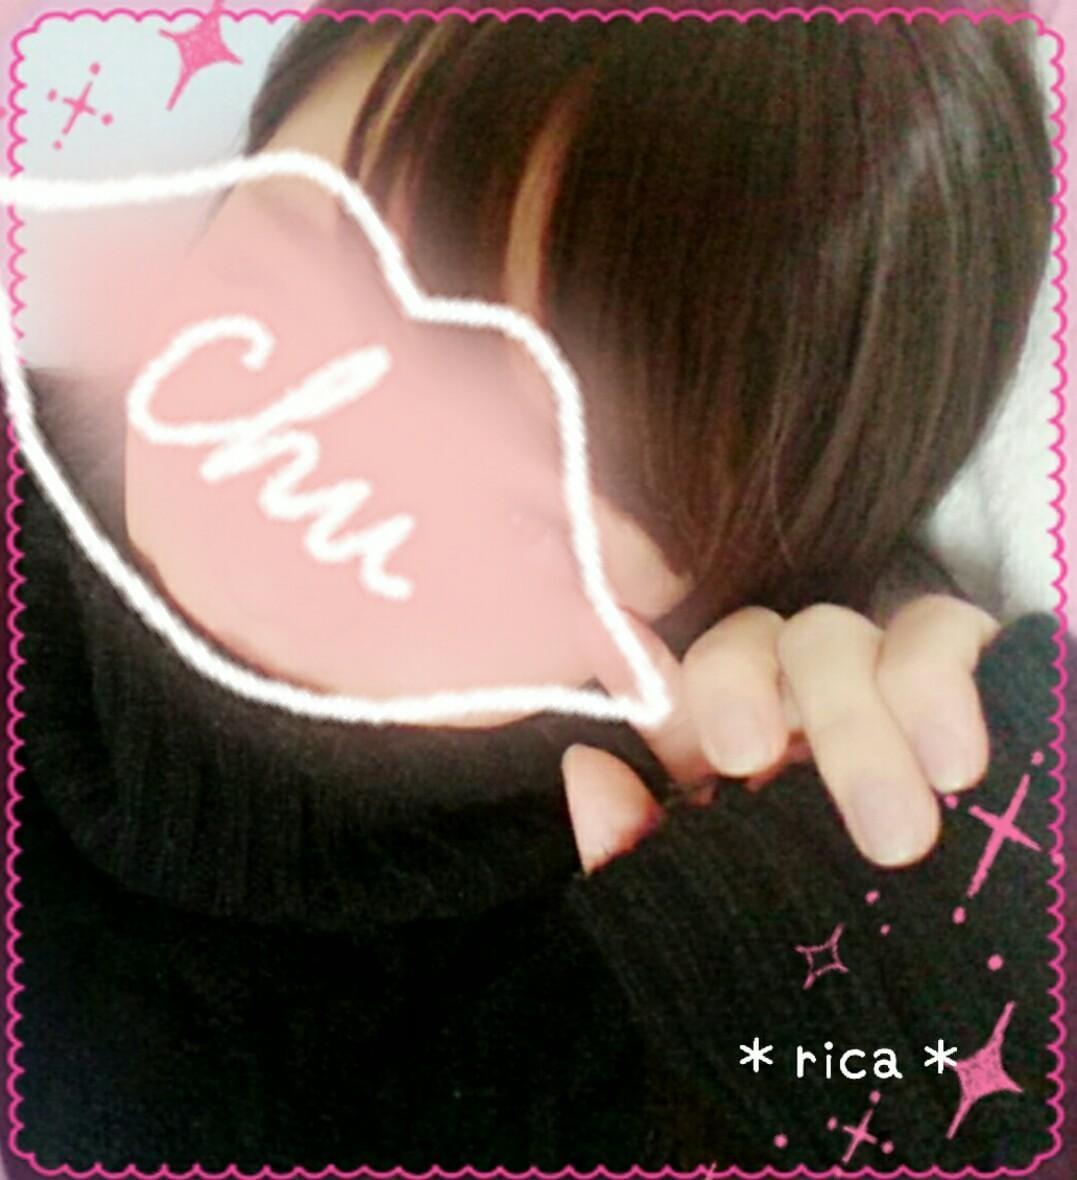 「おやすみなさい◎」10/08(10/08) 02:24 | りかの写メ・風俗動画